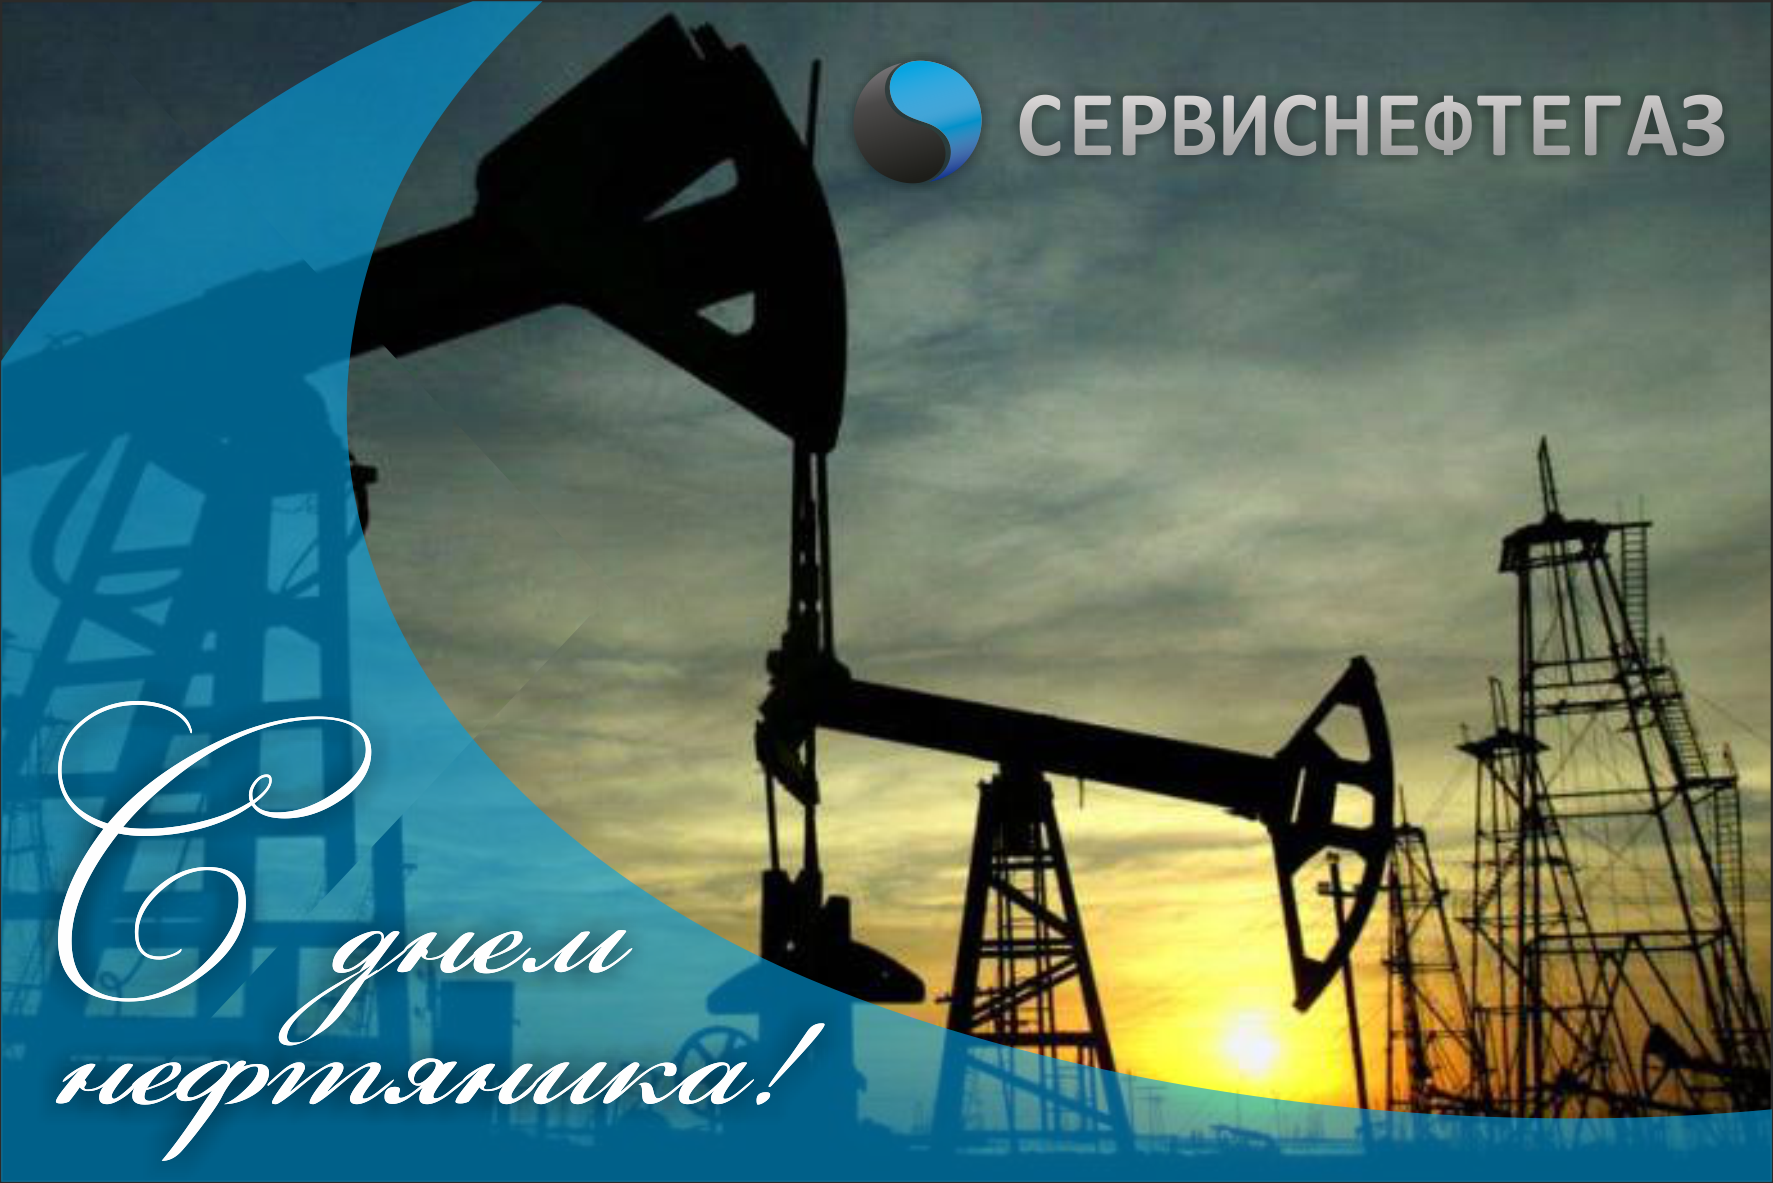 Поздравления с профессиональным праздником нефтяной промышленности